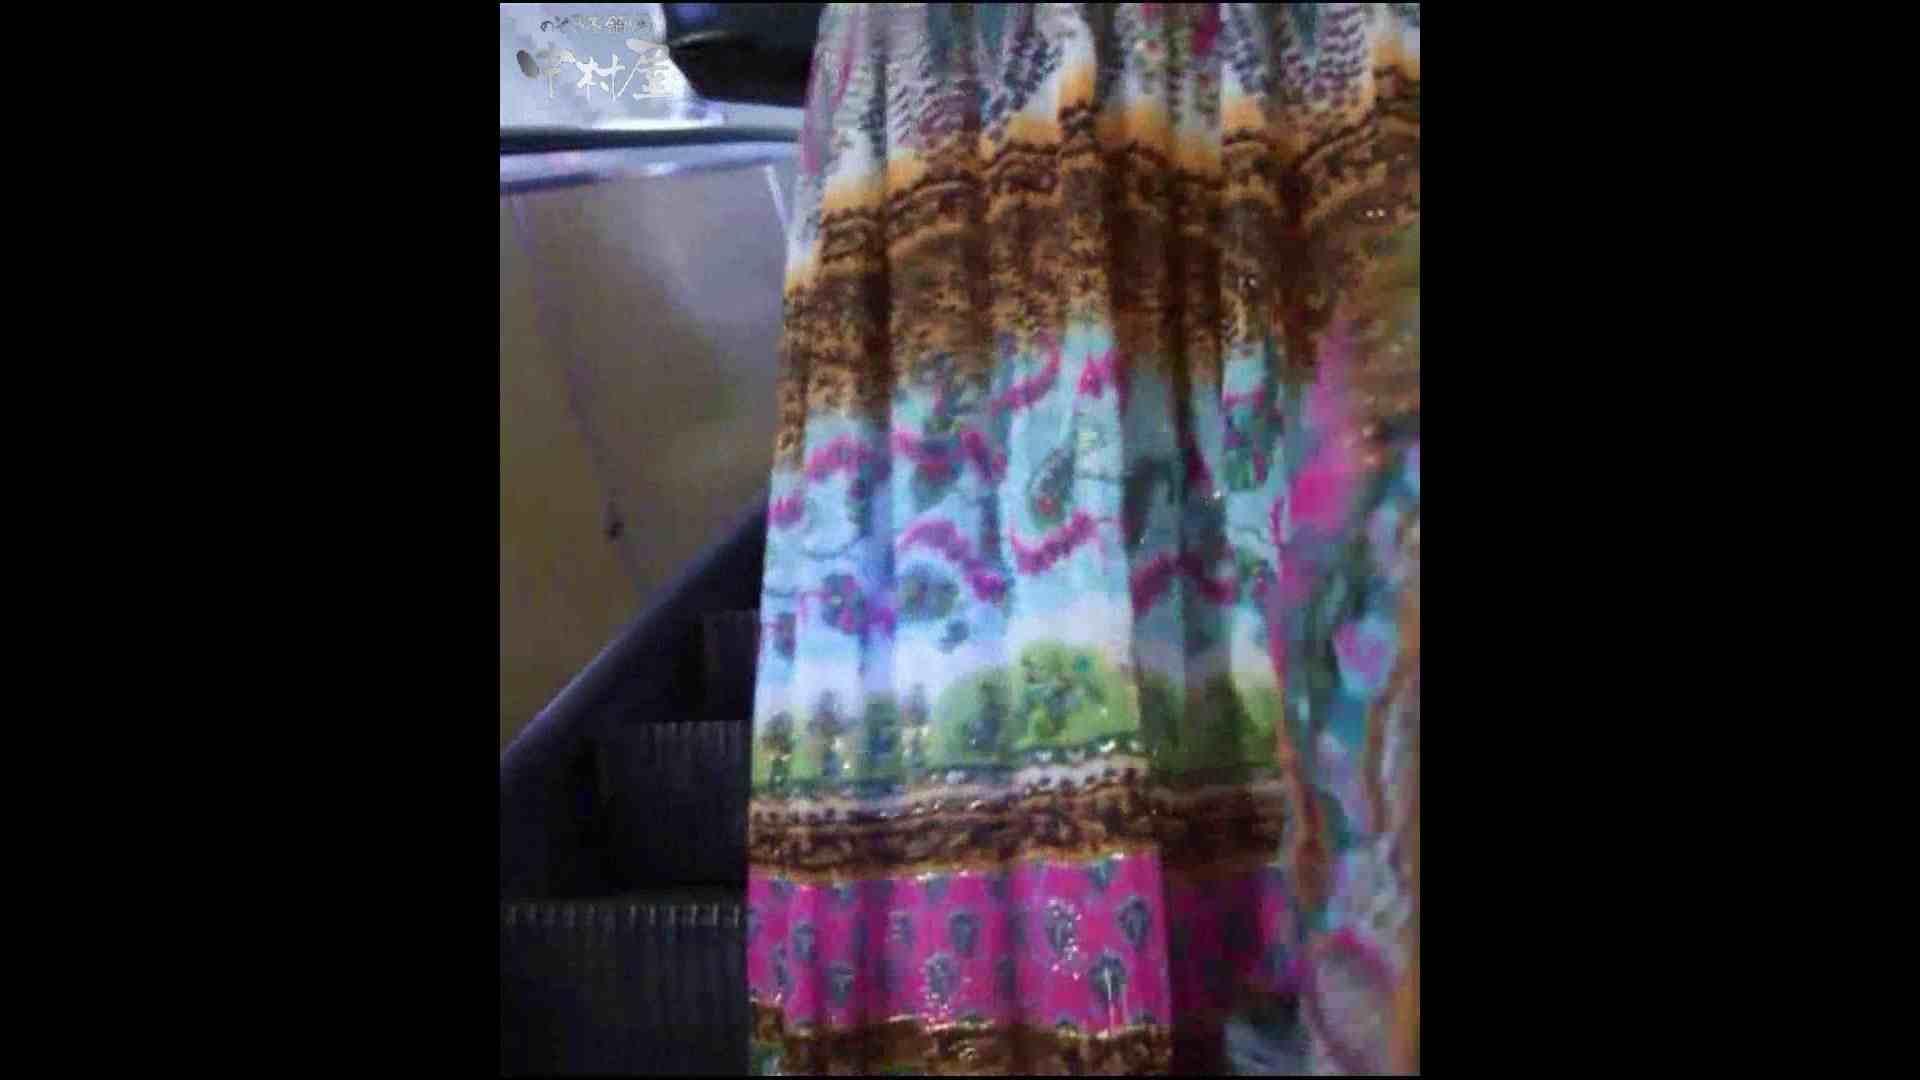 綺麗なモデルさんのスカート捲っちゃおう‼ vol26 Hなお姉さん | HなOL  76pic 47